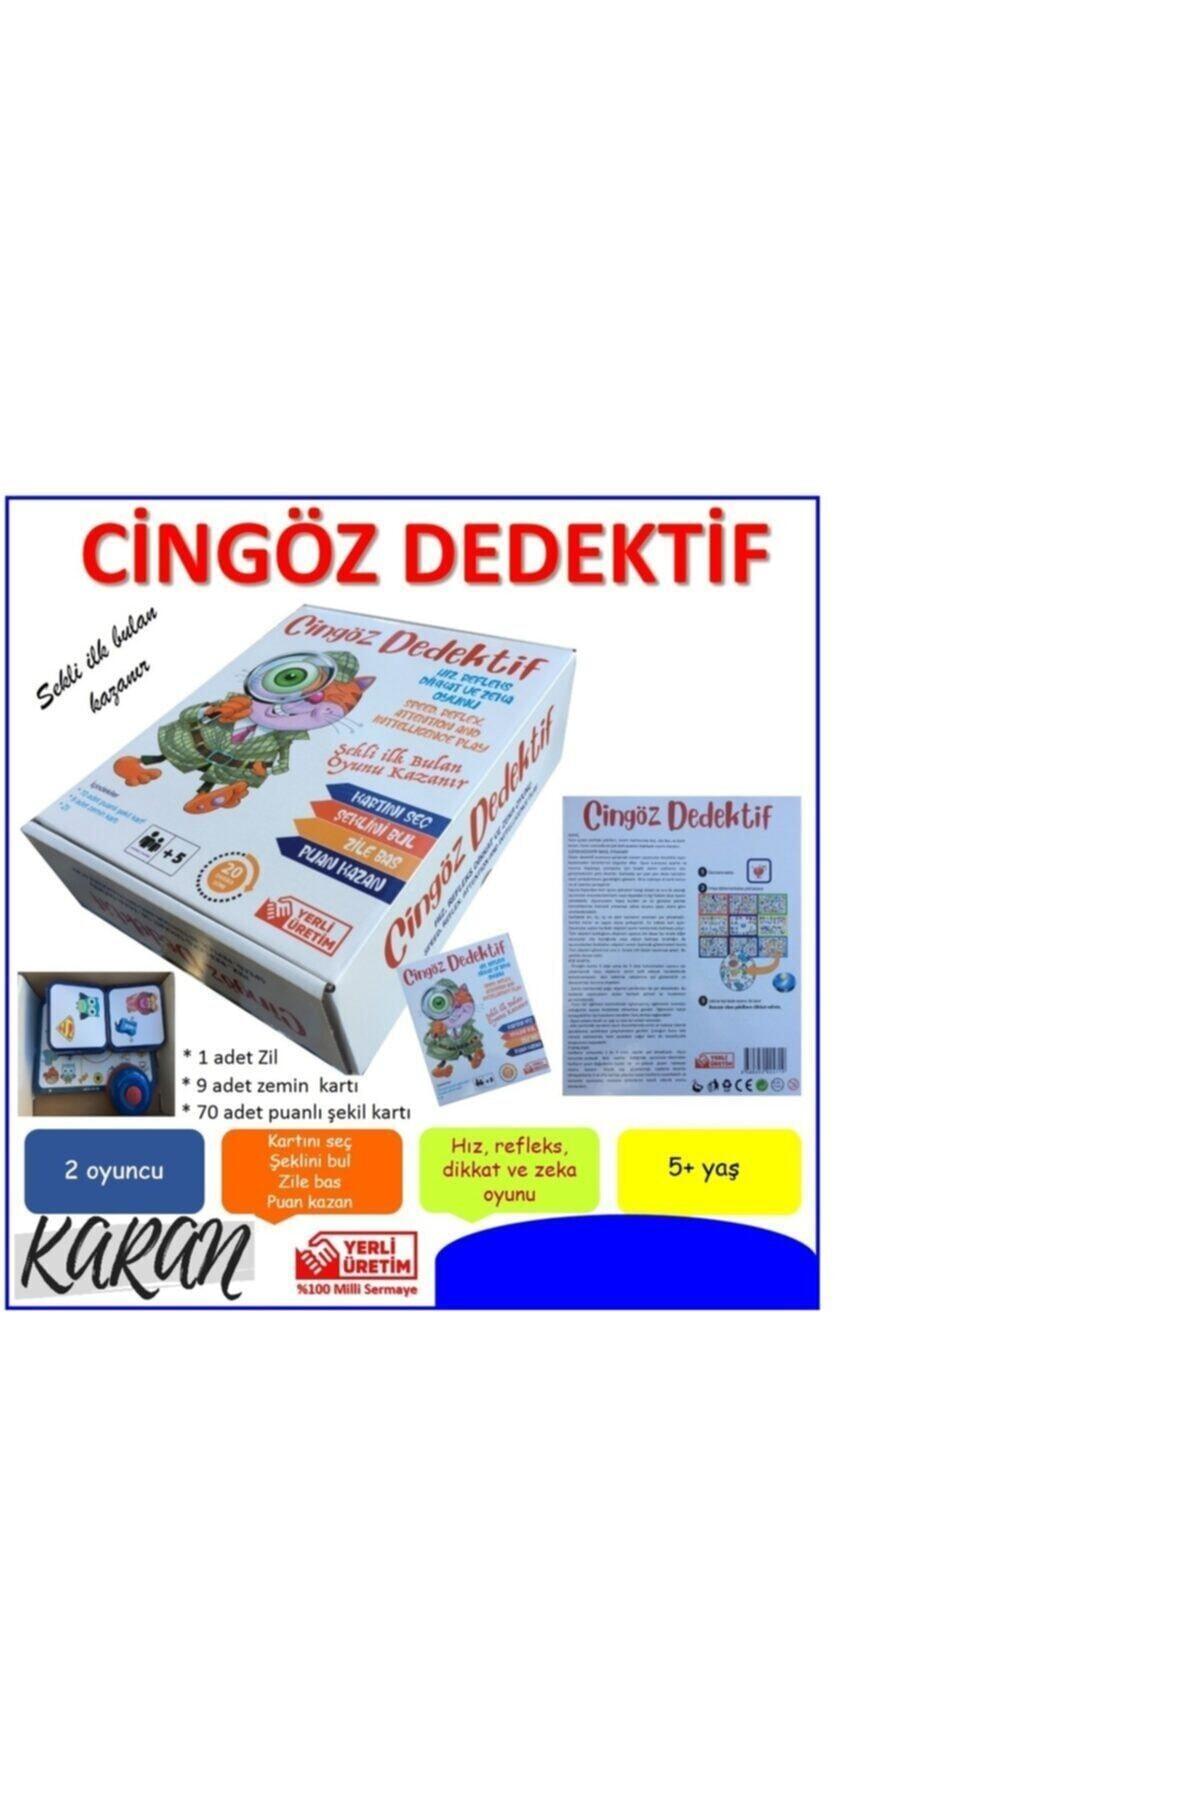 Bundera Dedektif Oyunu Dedektif Plus Hızlı Dedektif Cingöz Dedektif Akıl ve Zeka Oyunu 2